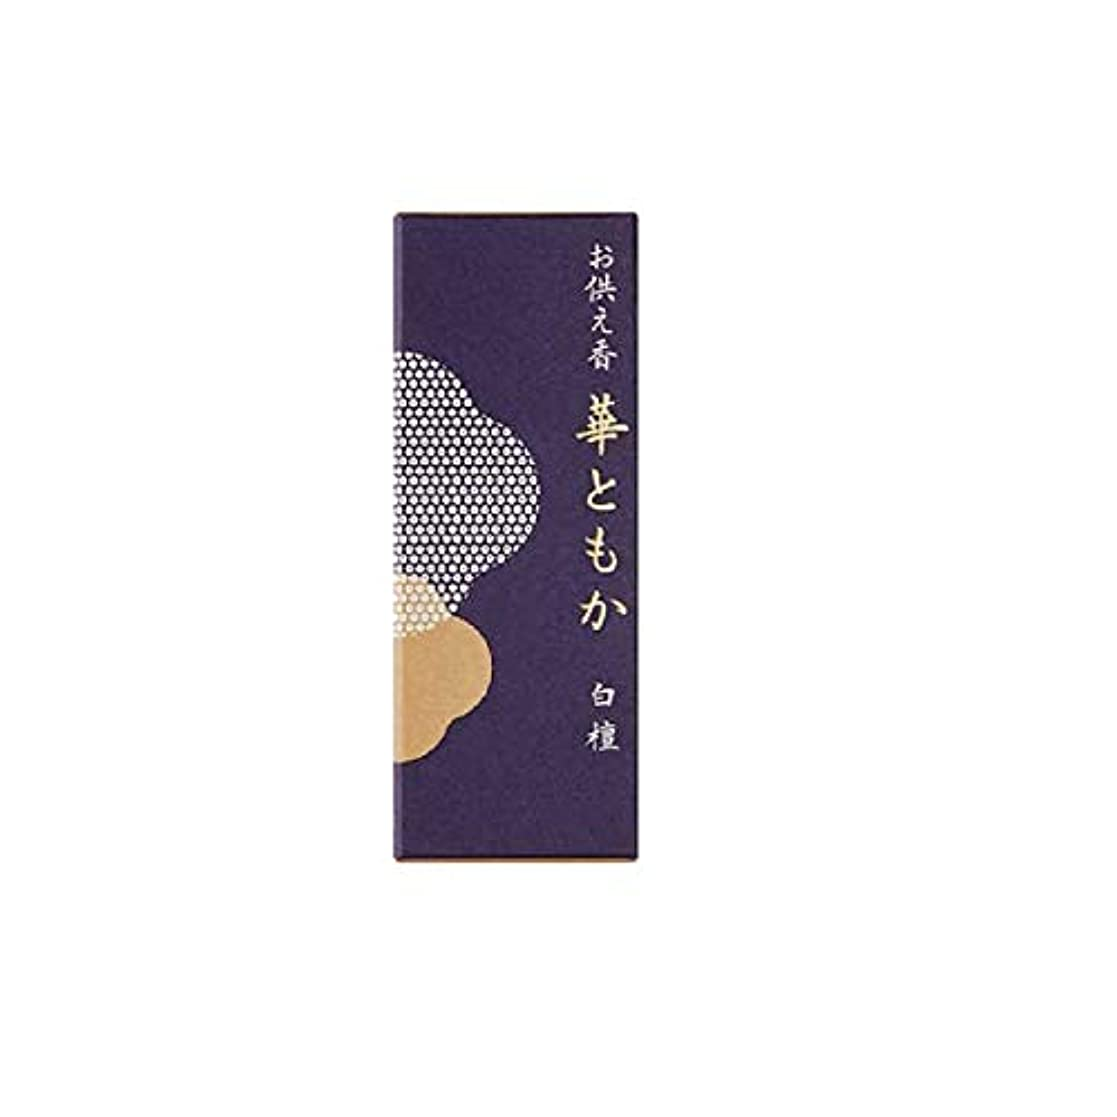 へこみコイン上級お供え香 華ともか 補充用香料 白檀の香り